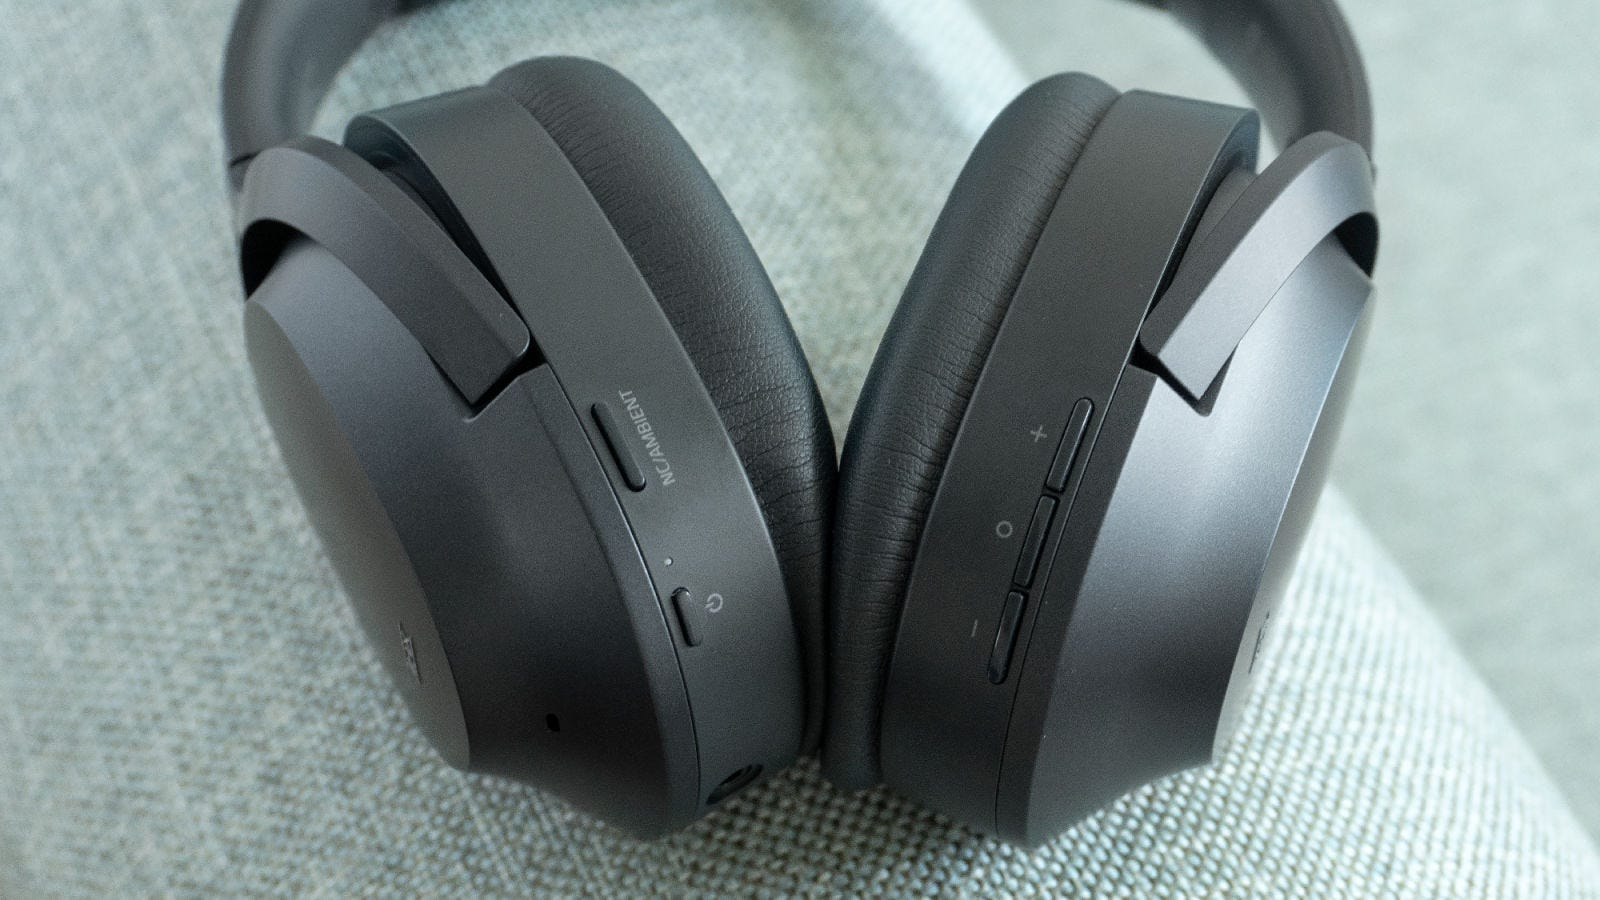 En vez de usar controles táctiles, los Razer Opus tienen botones físicos.